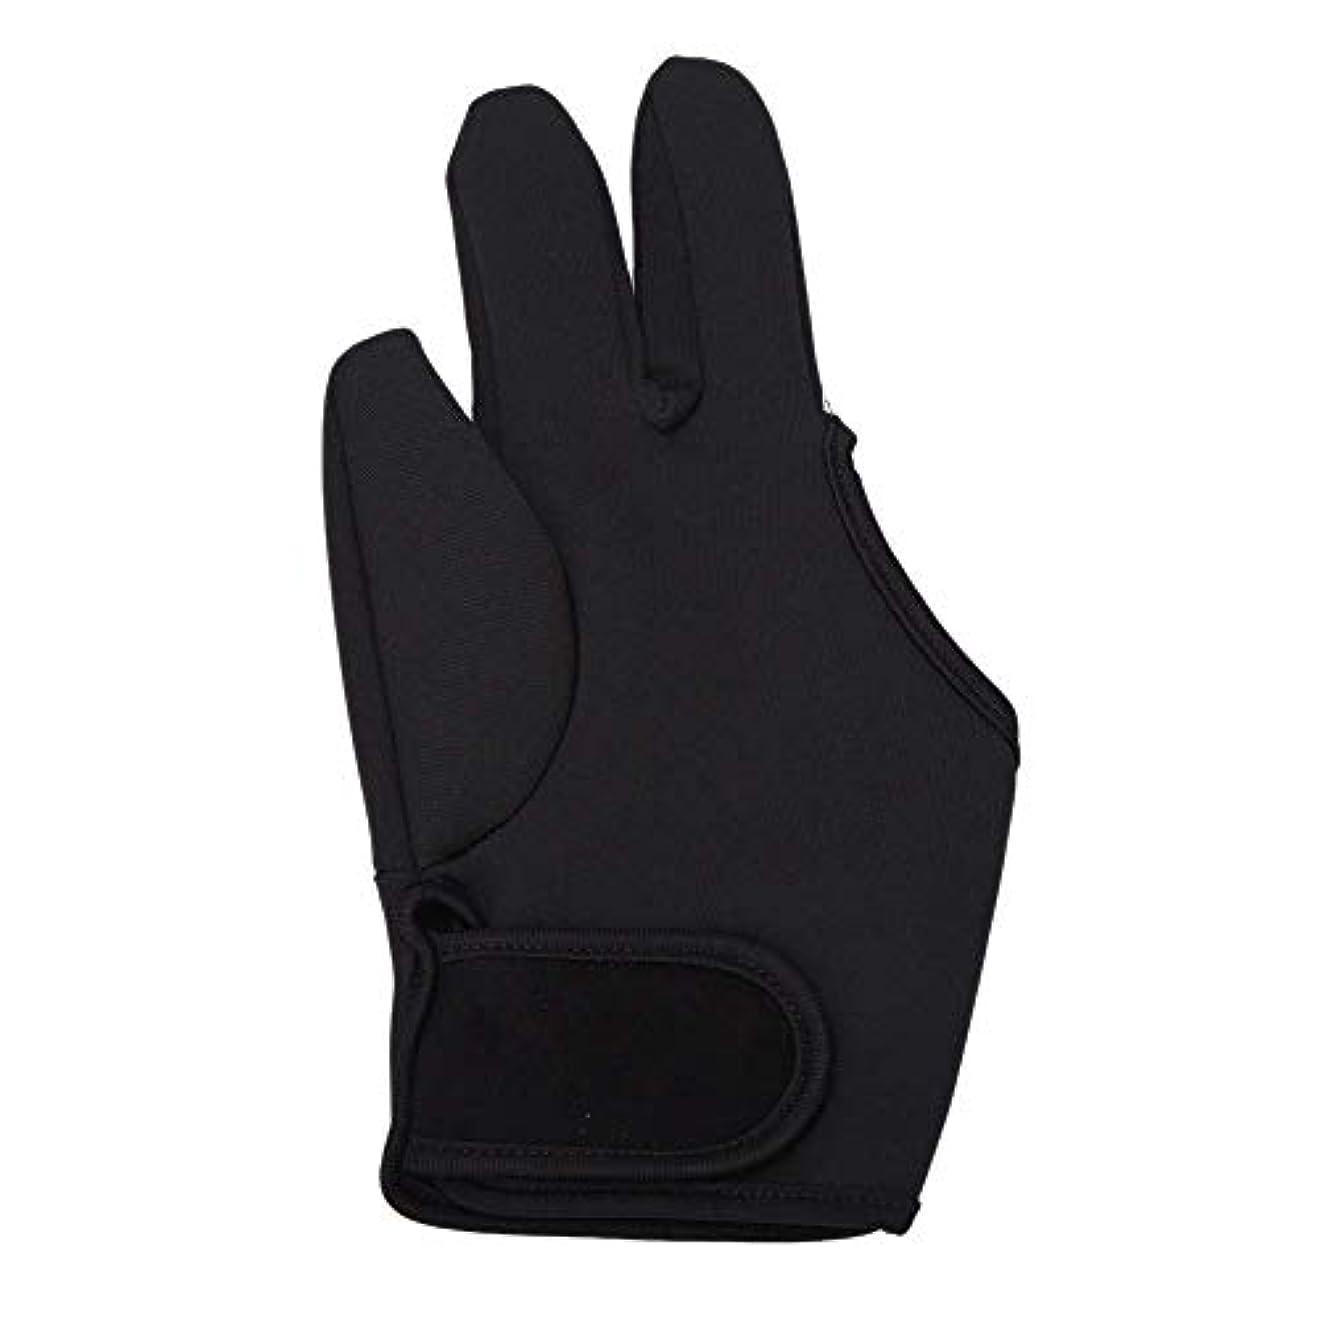 戦士深さリストTOOGOO 耐熱手袋ヘアスタイリングカーリングパーマカーリングワンドフラットアイアン3フィンガーグローブツール